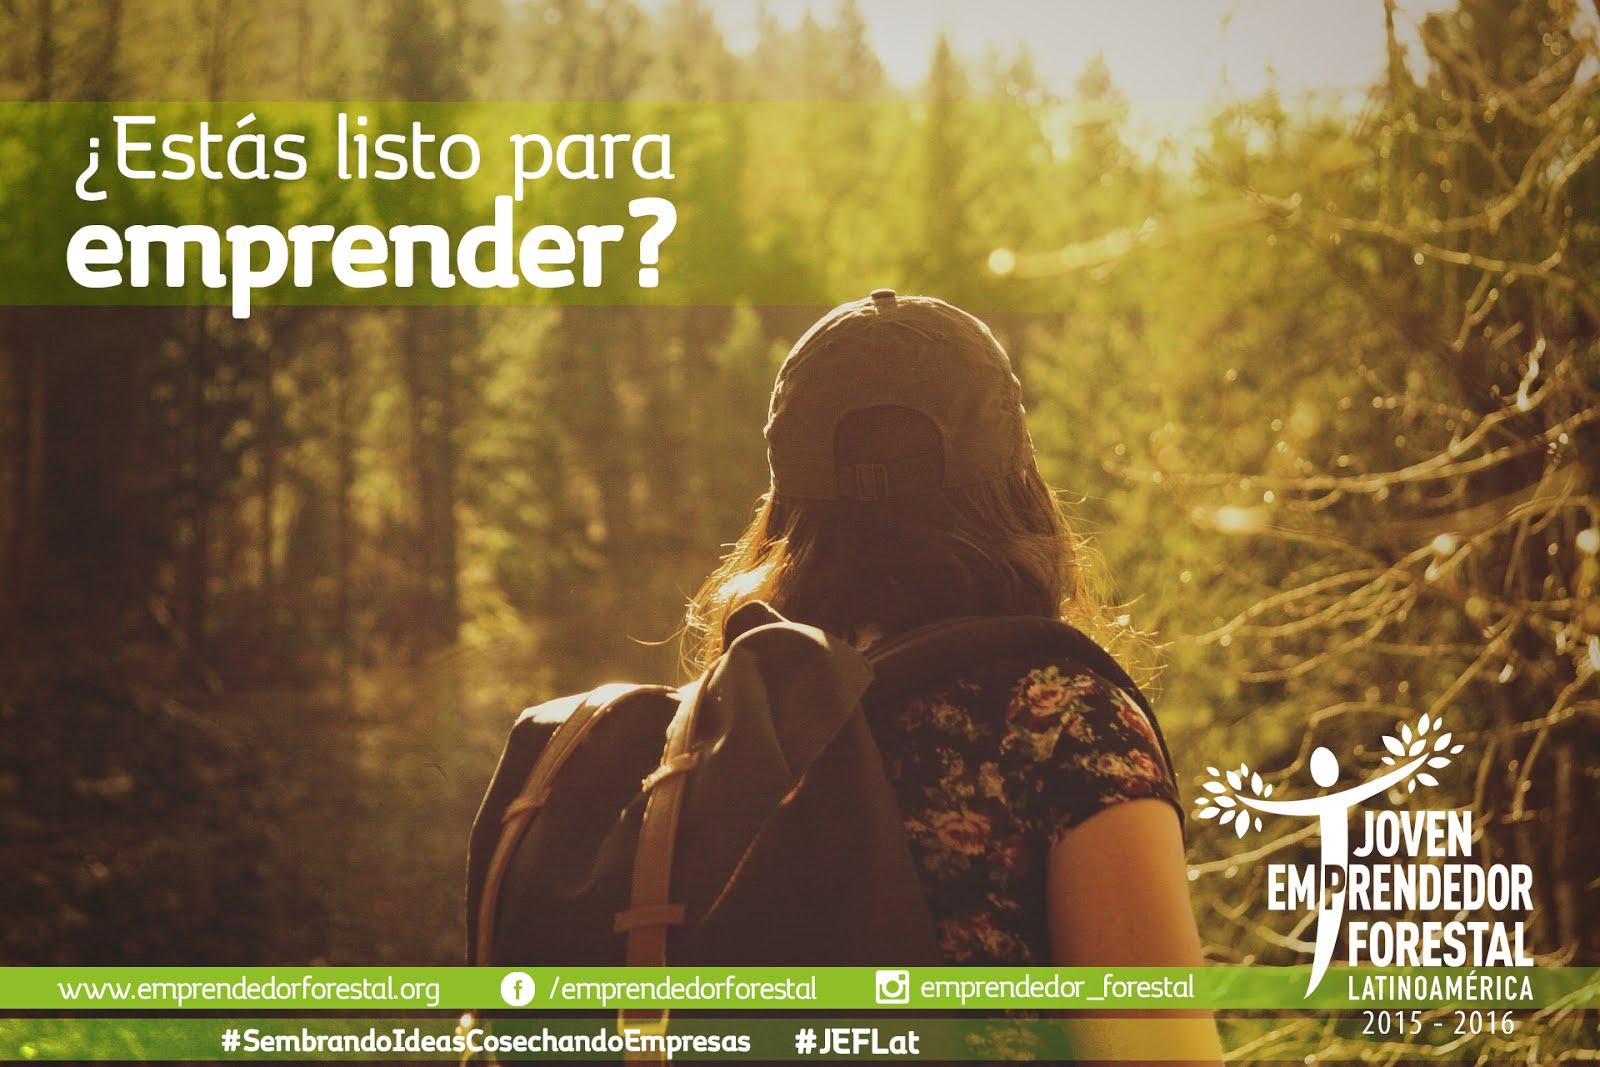 Convocatoria Joven Emprendedor Forestal Latinoamérica